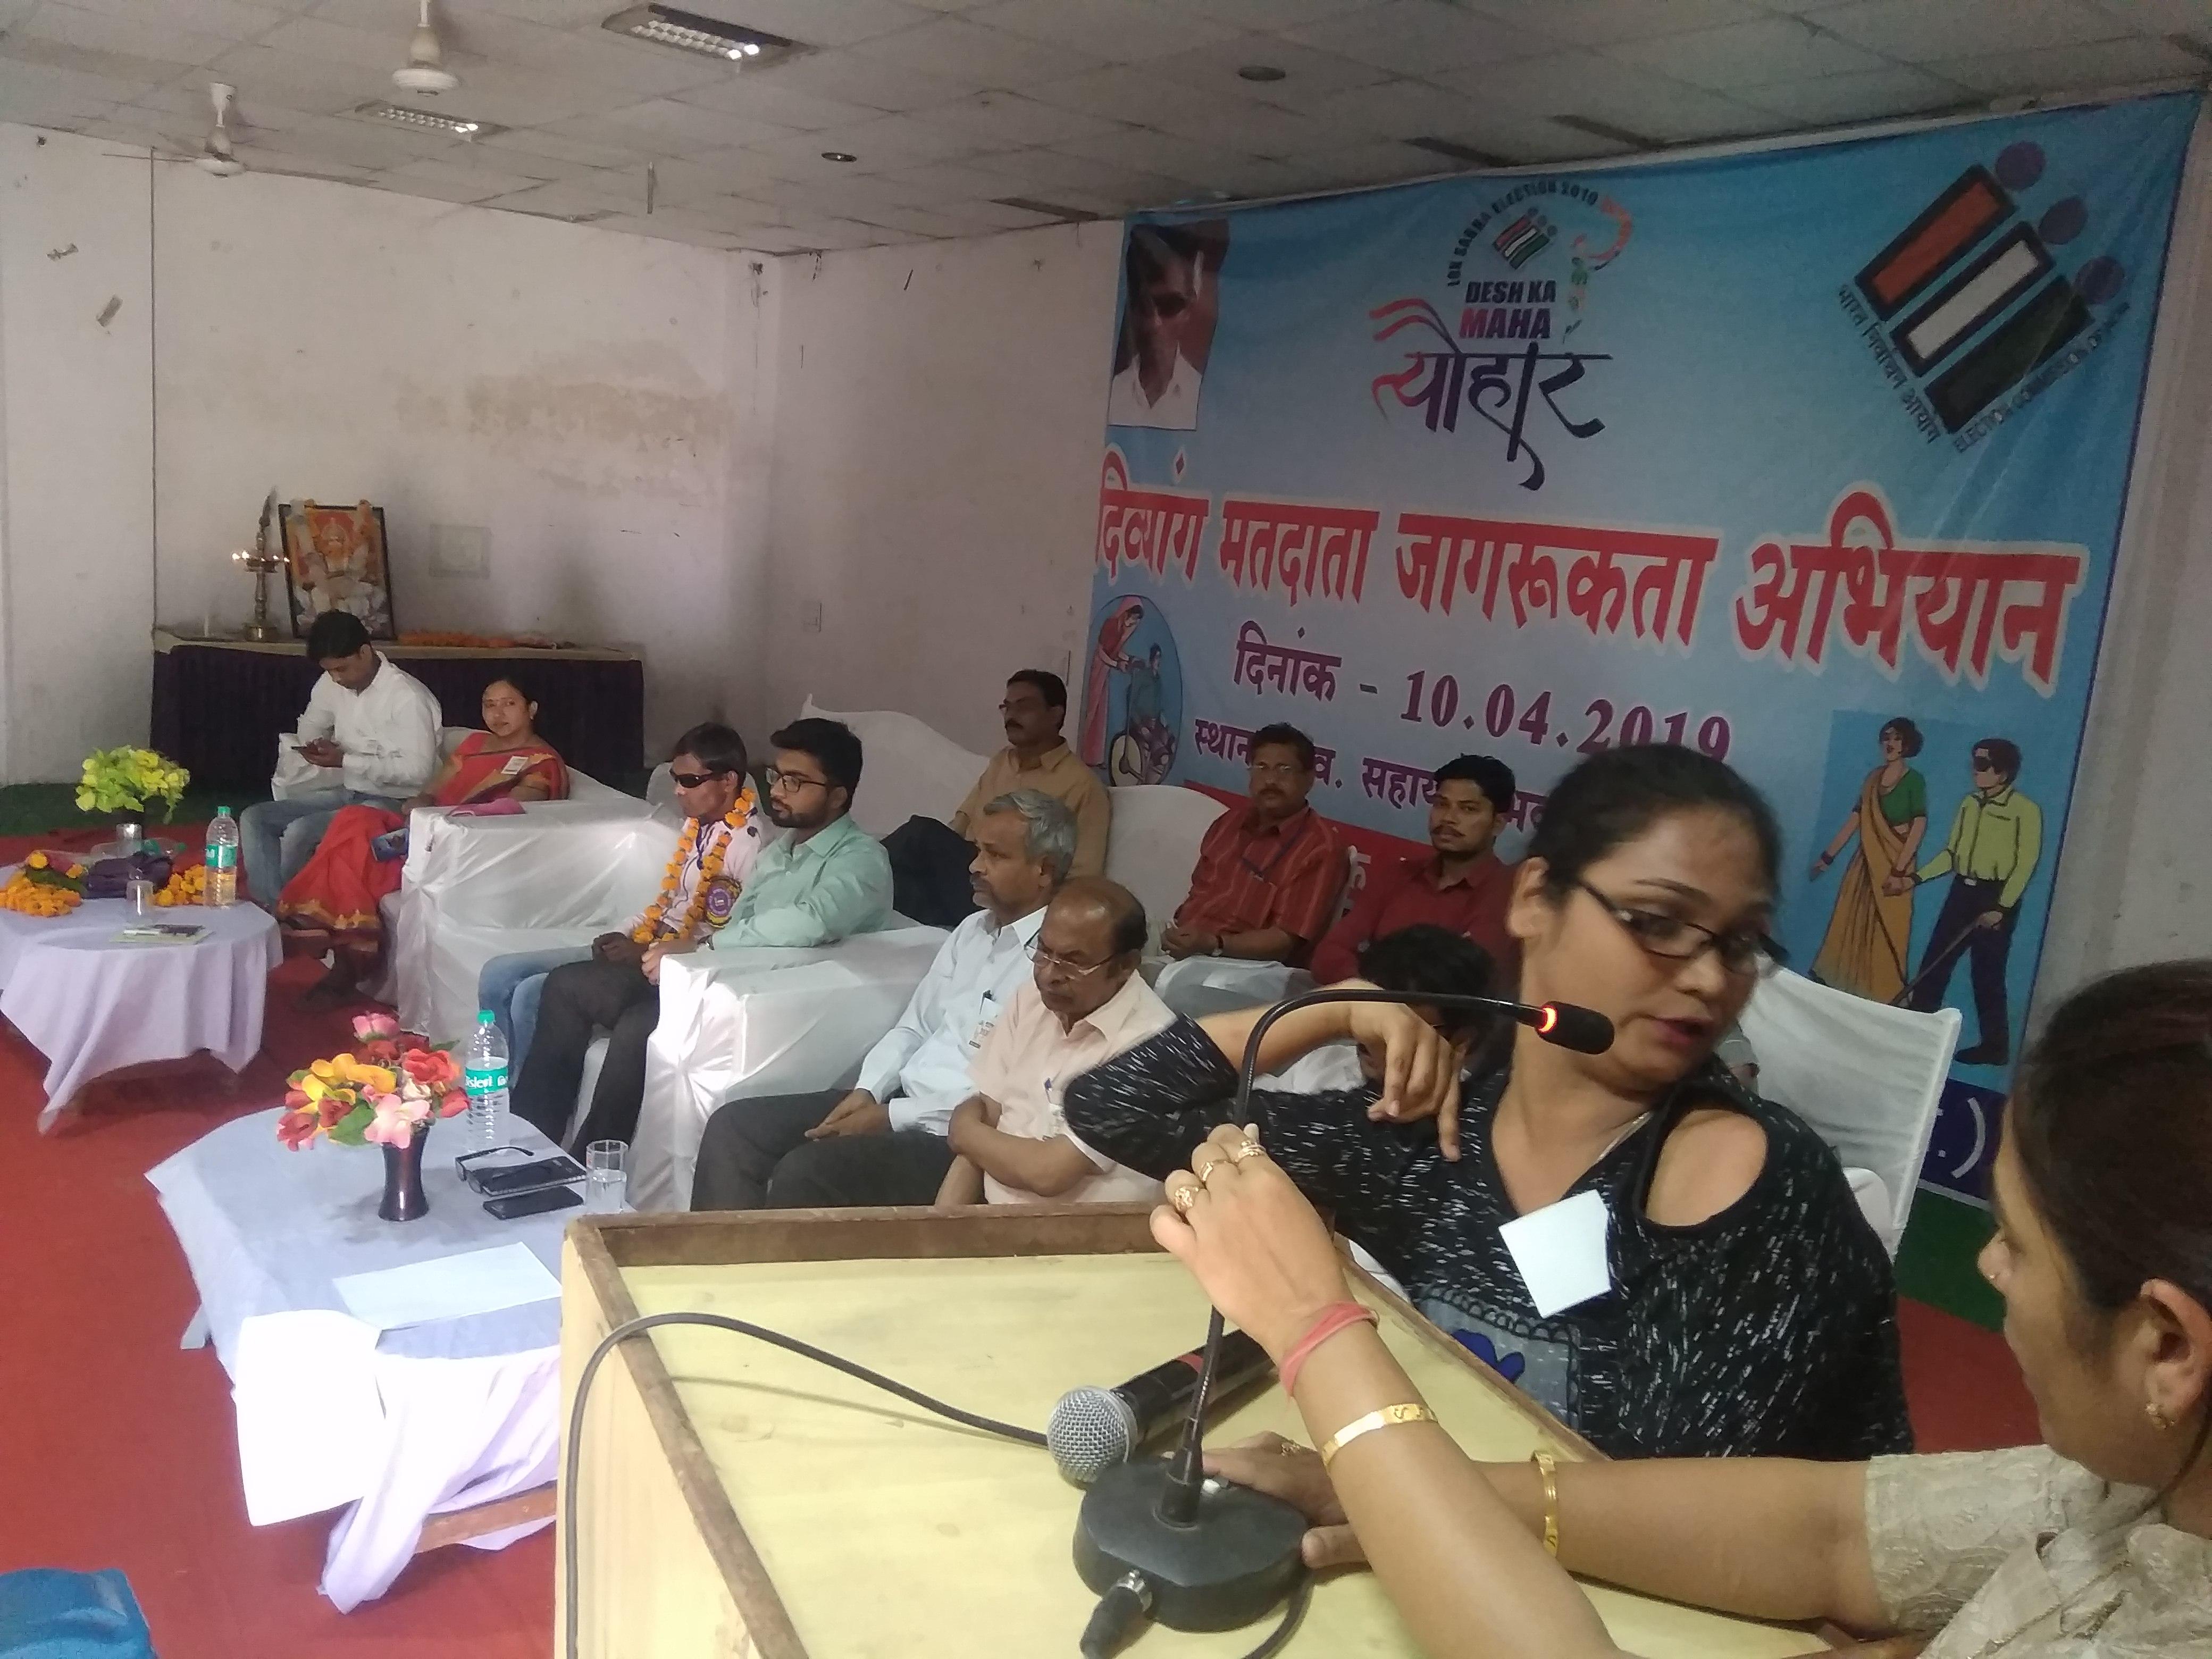 निर्वाचन अधिकारी ने कहा जिले के 4856 दिव्यांग मतदाताओं के लिए होंगी विशेष सुविधाएं